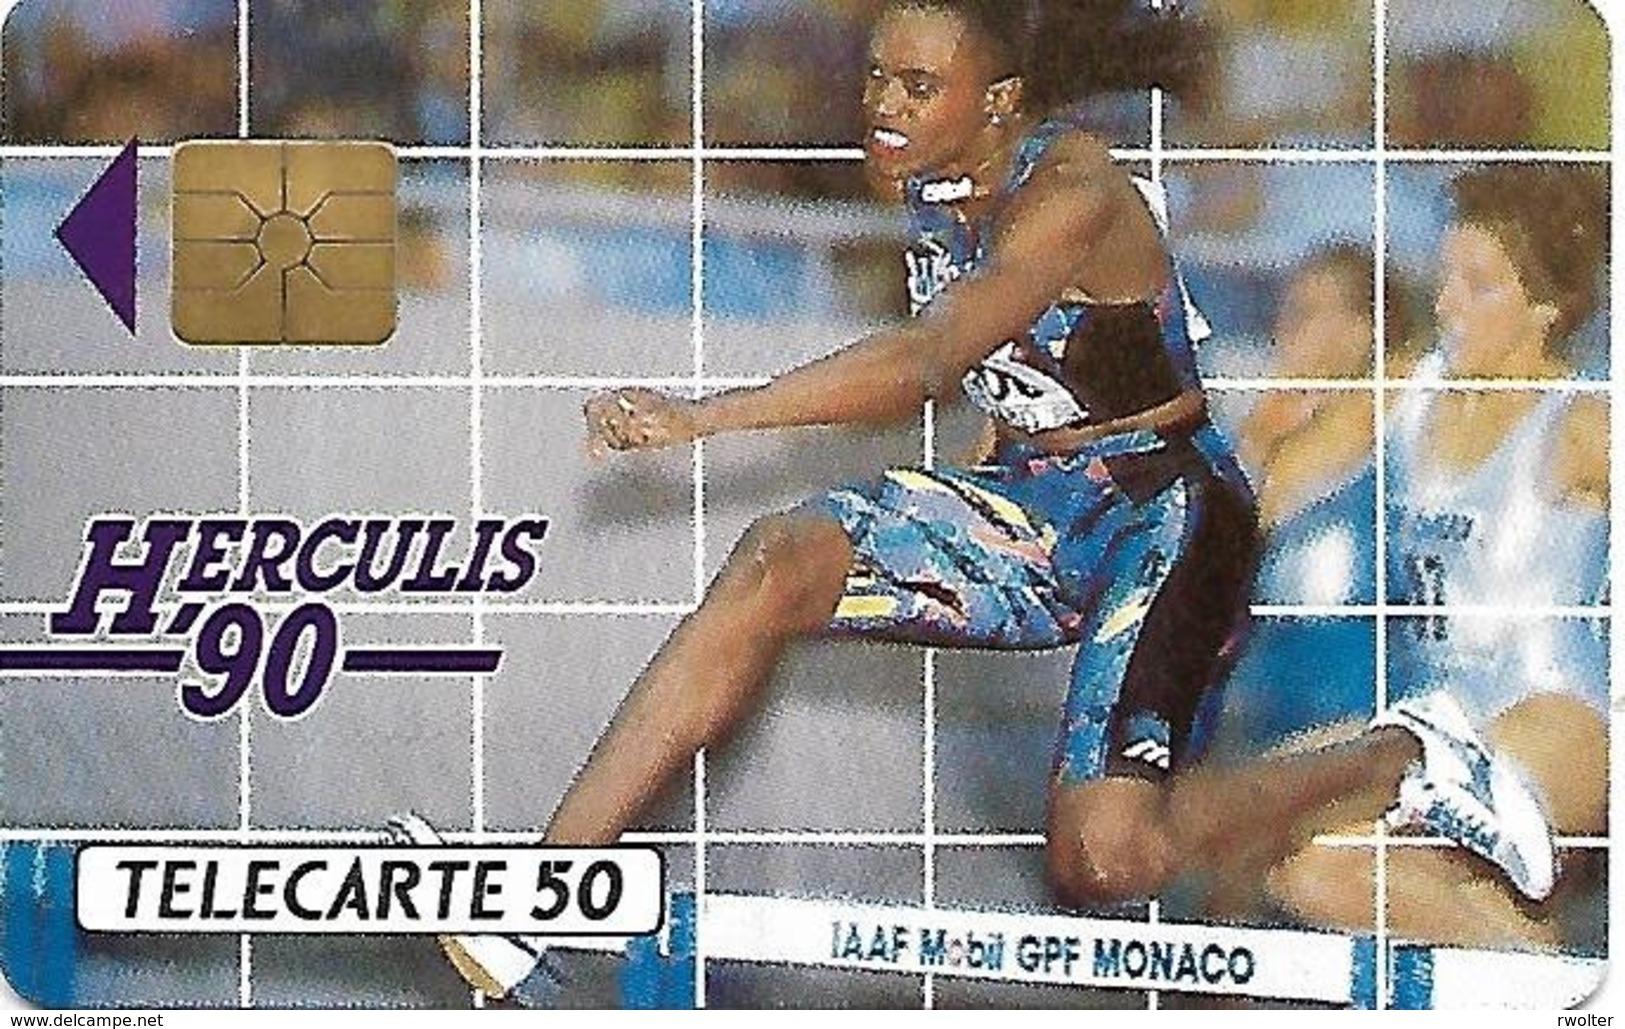 @+ Monaco - Herculis '90 - 50U - Ref: MF6 - Monaco